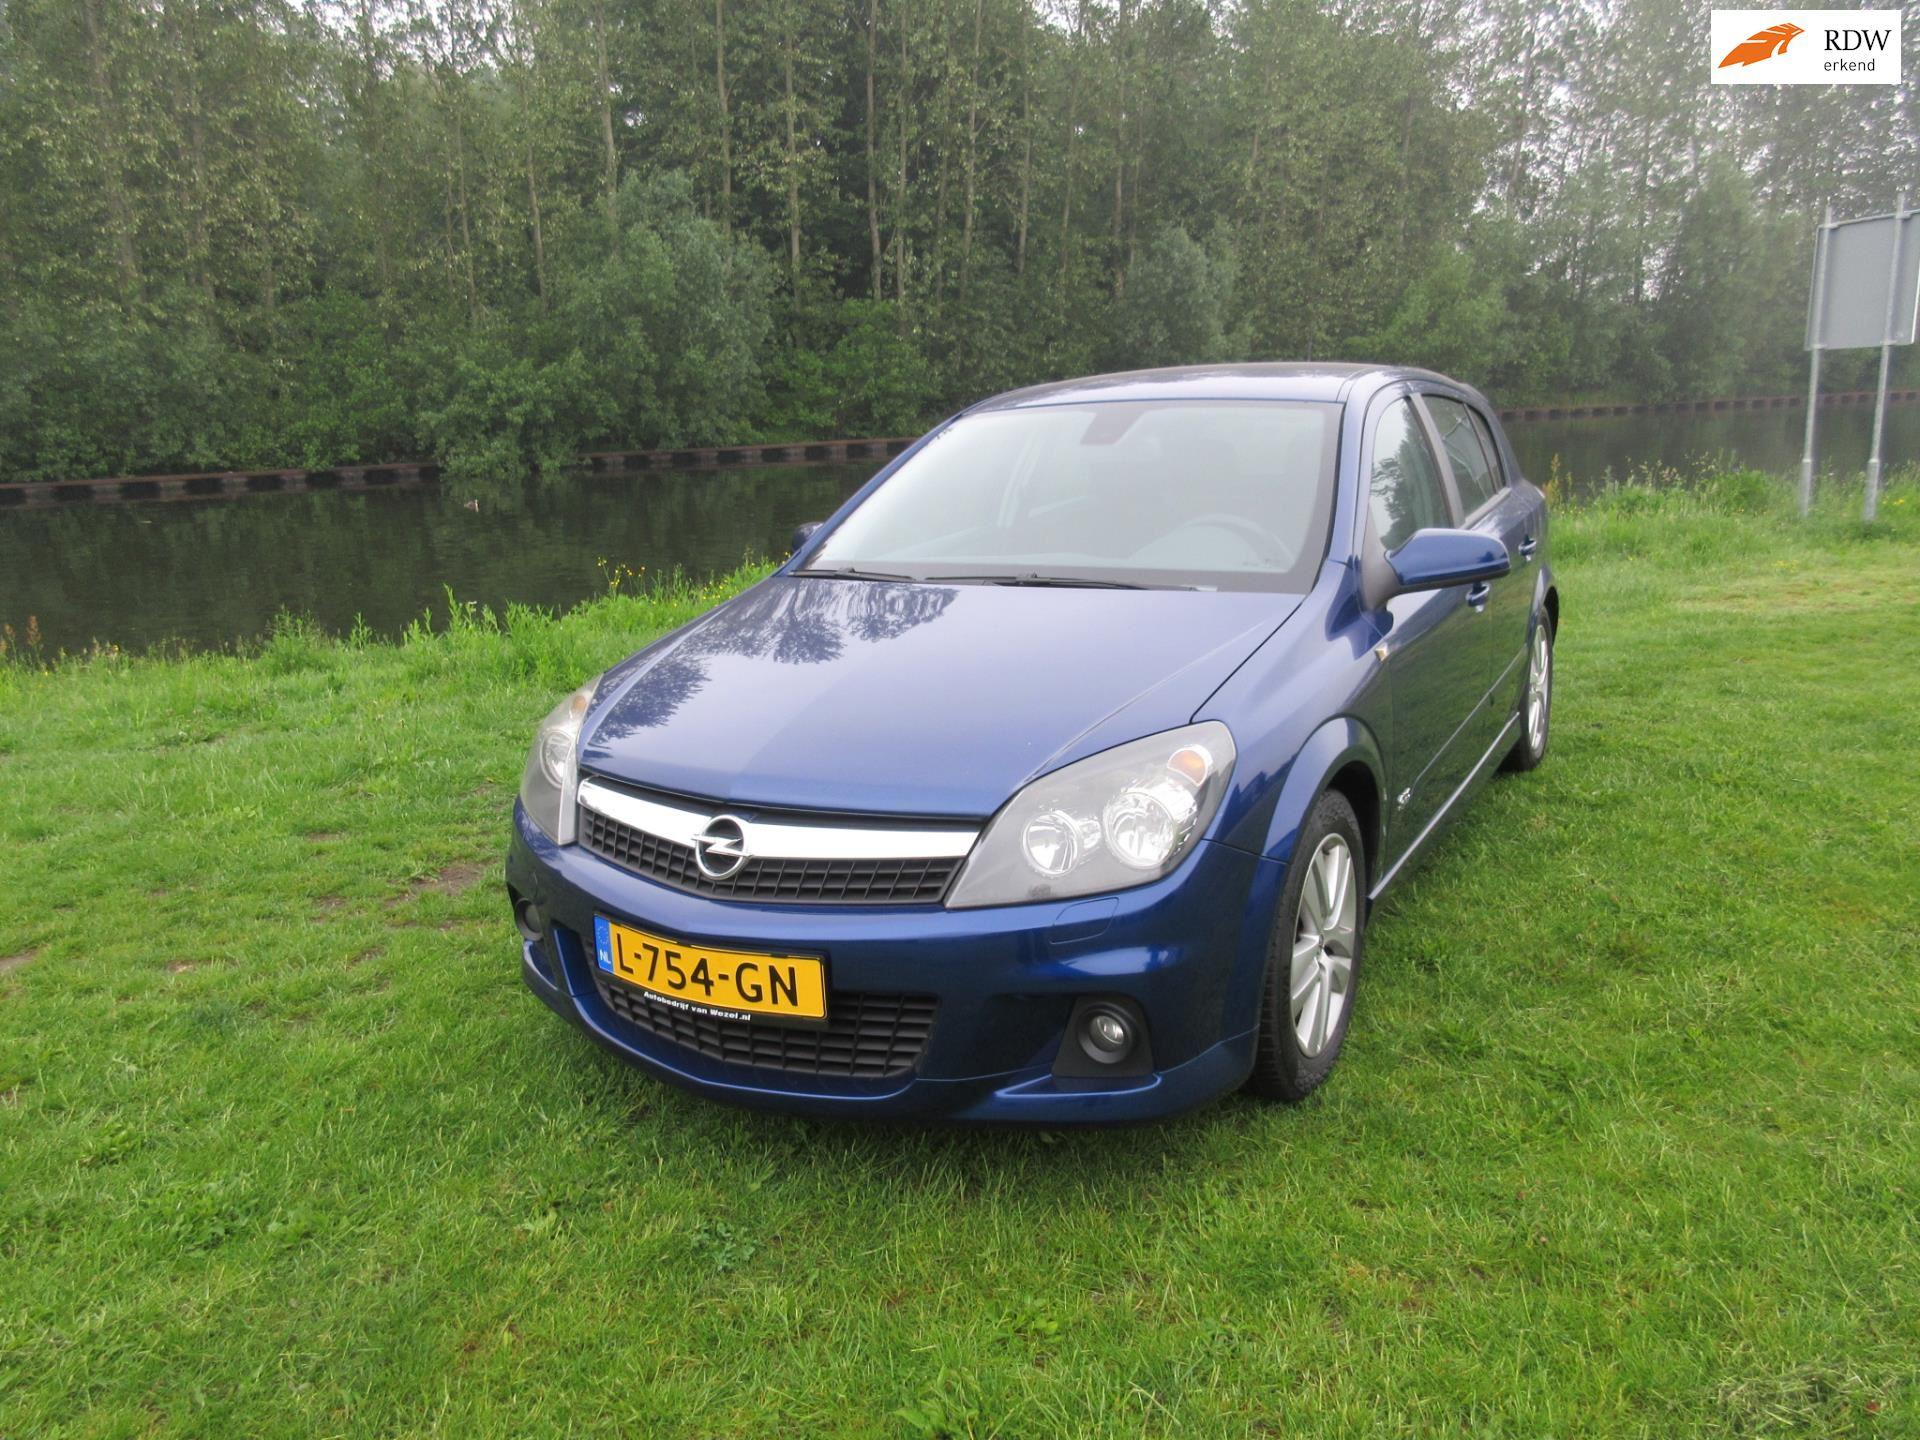 Opel Astra occasion - Autobedrijf van Wezel